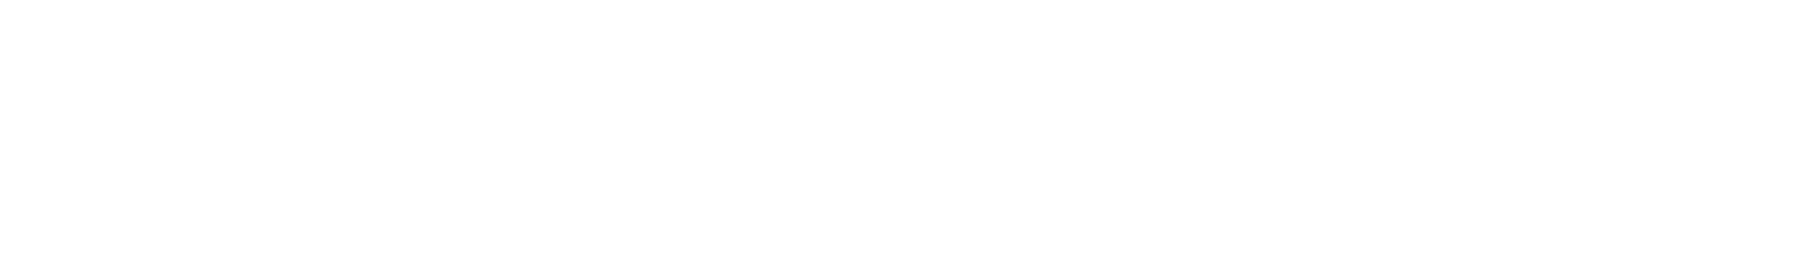 sof 106 d basses